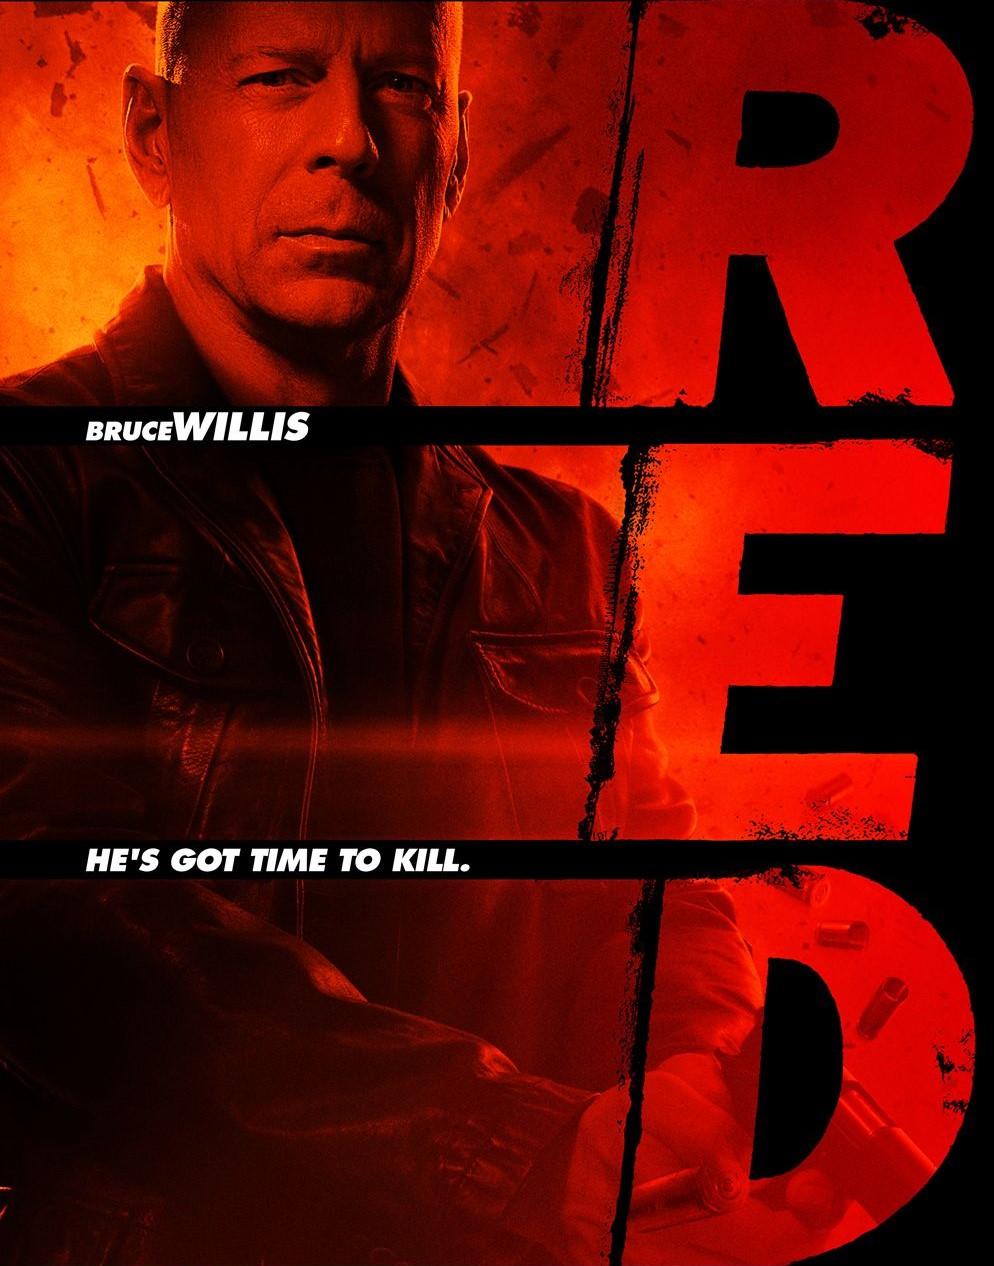 รีวิวหนังเรื่องRED (2010)